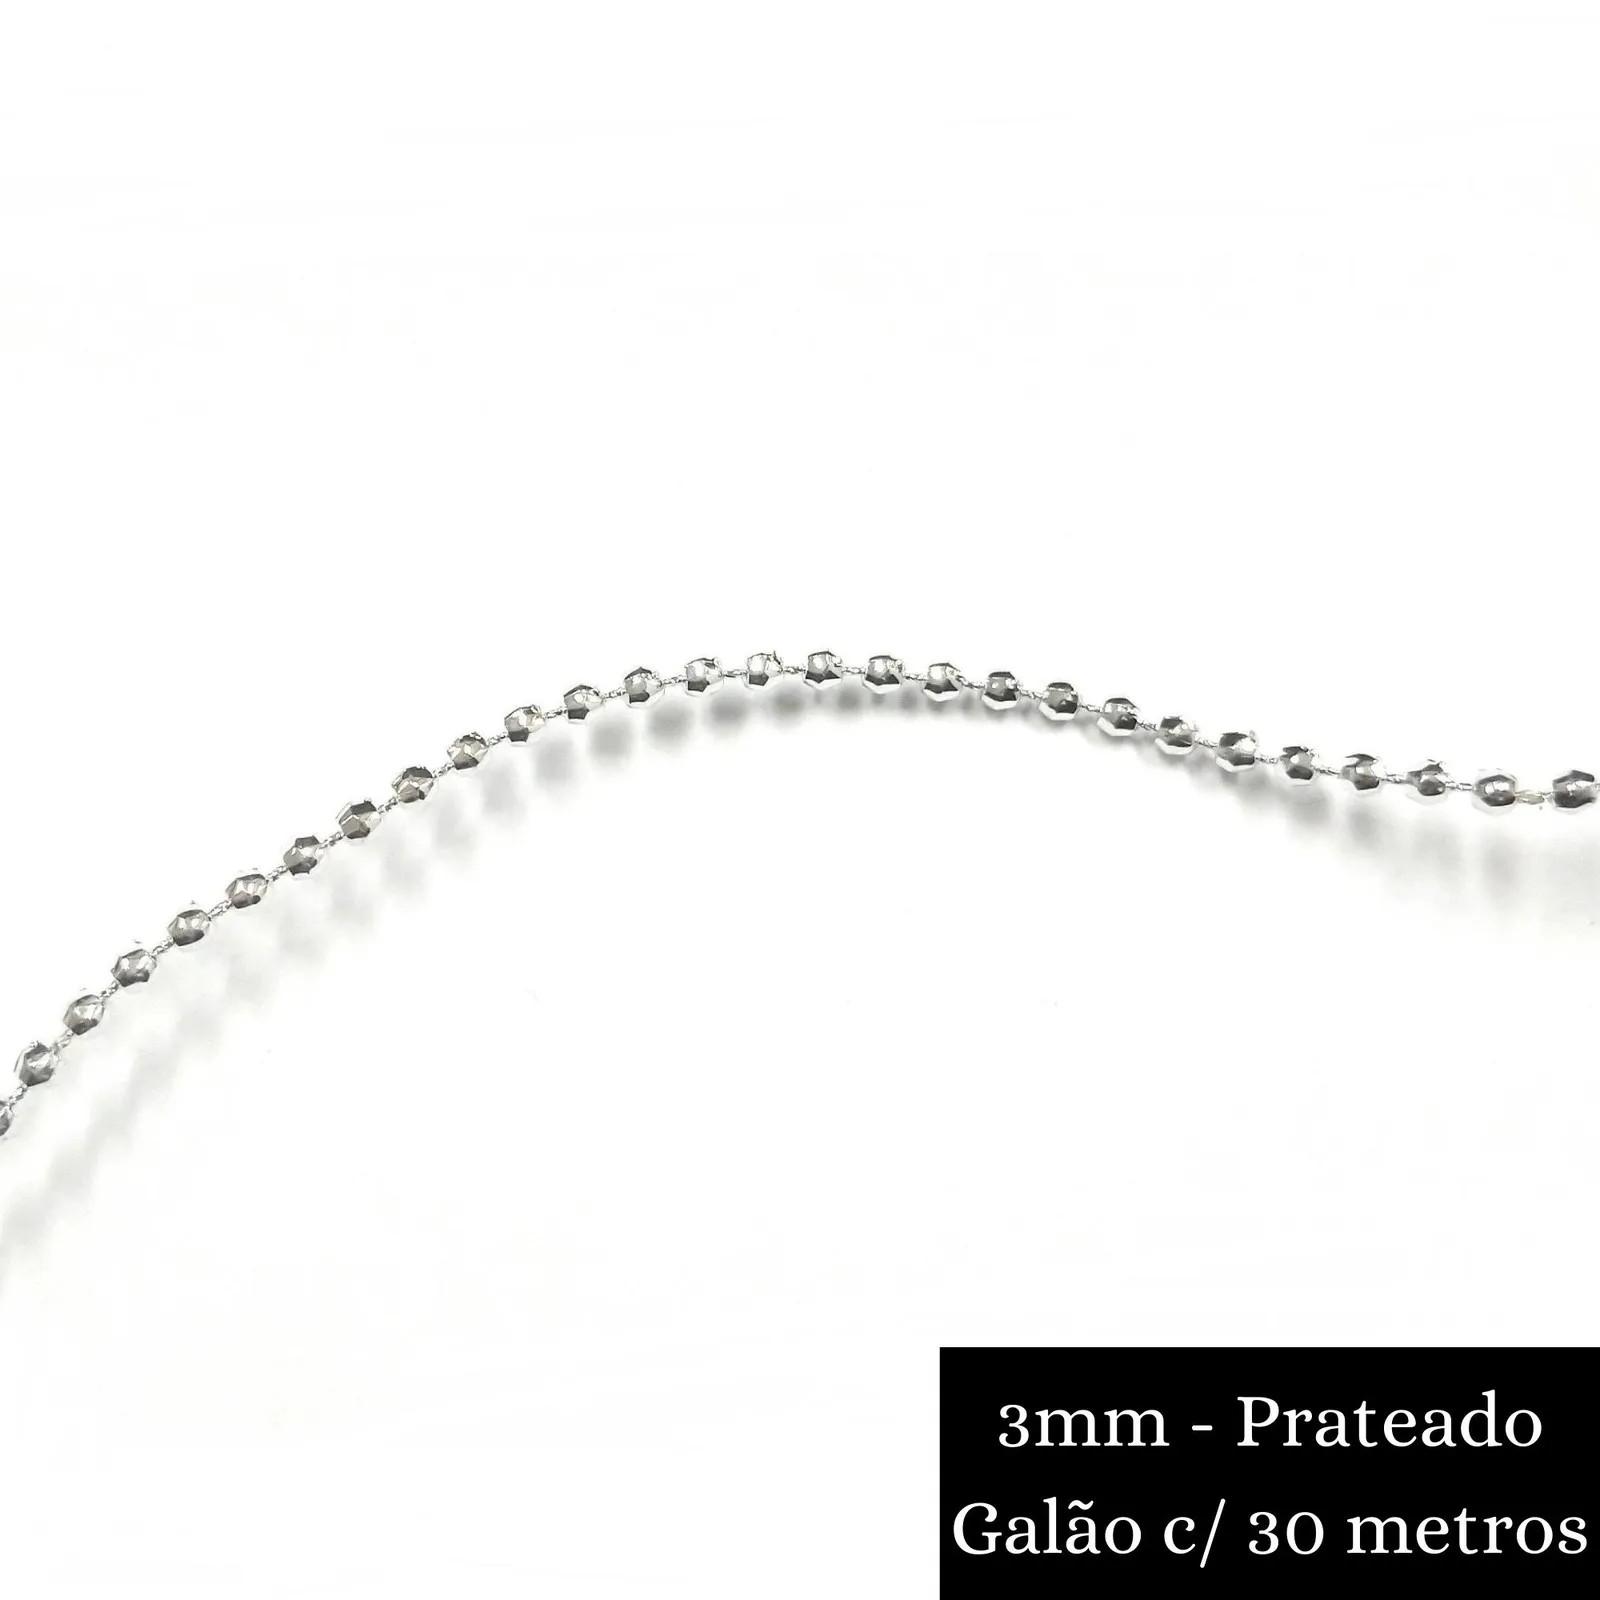 Galão Corrente / Aljofre Plástico Formato Conta Sextavada